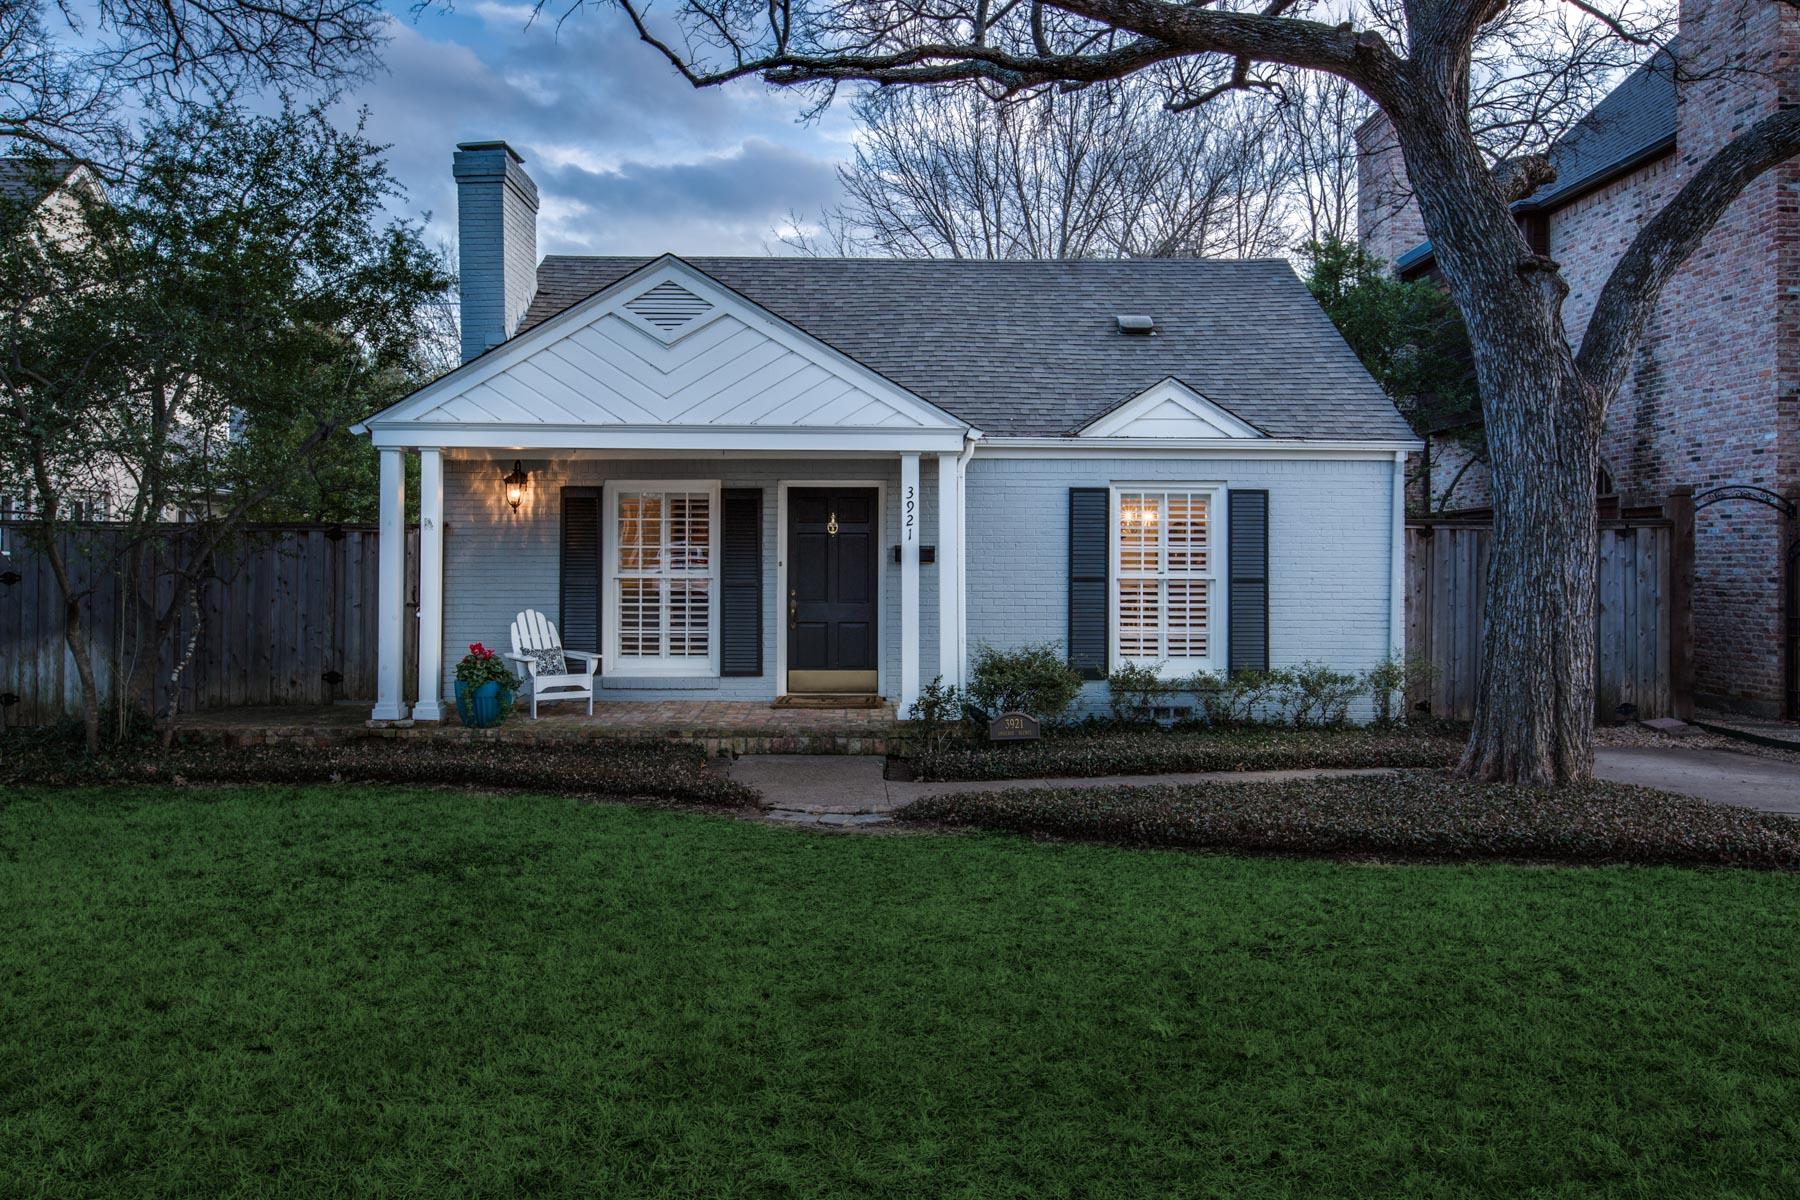 Villa per Vendita alle ore 3921 Amherst Ave, Dallas Dallas, Texas, 75225 Stati Uniti